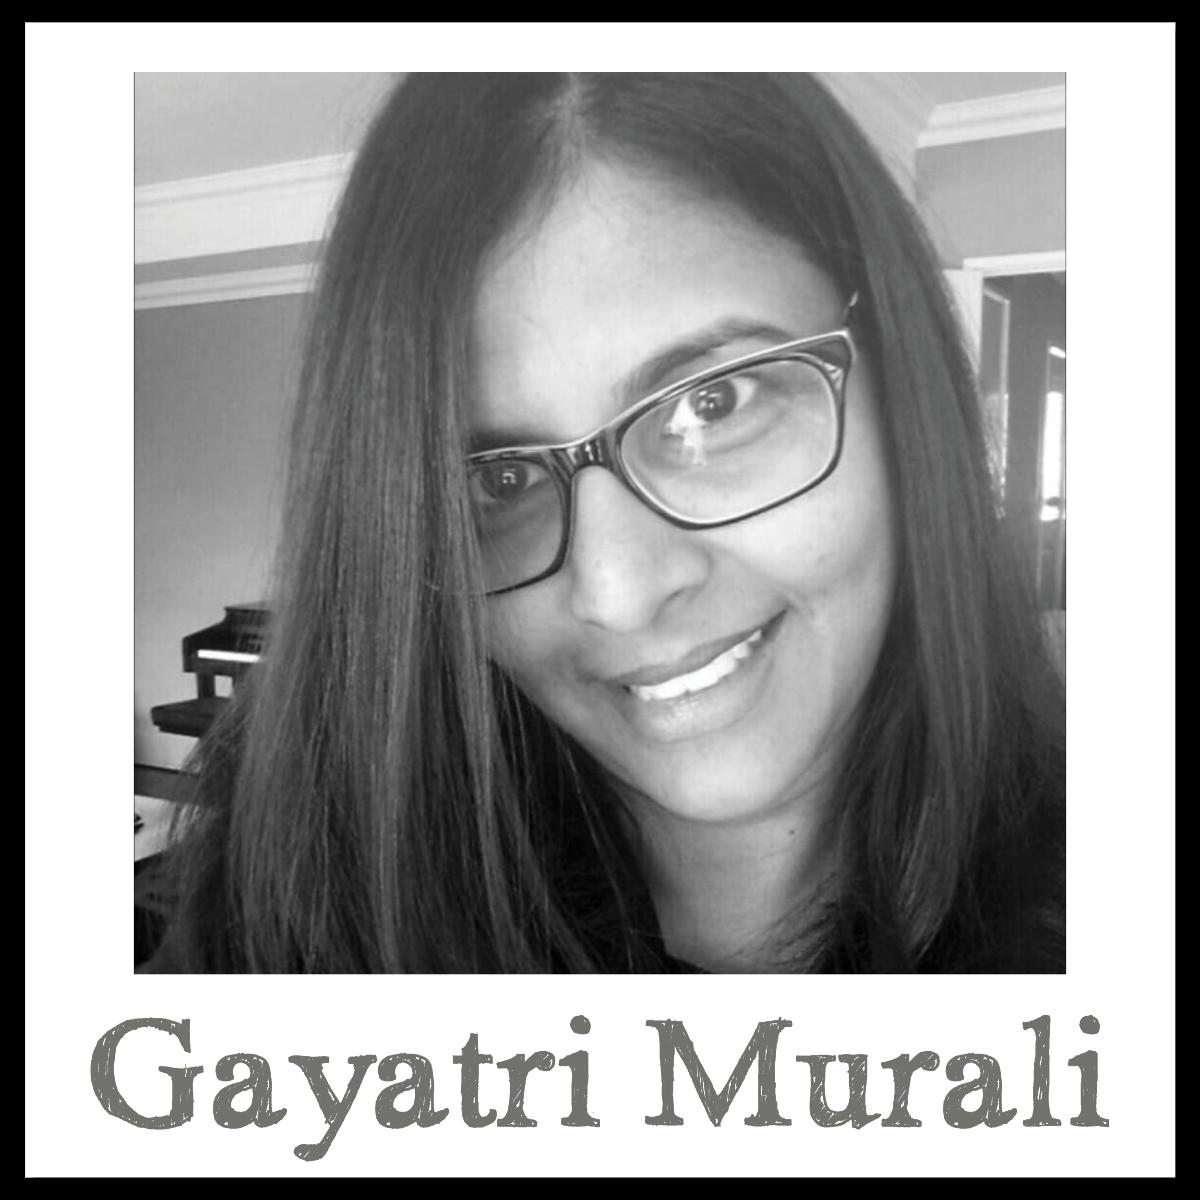 Gayatri Murali